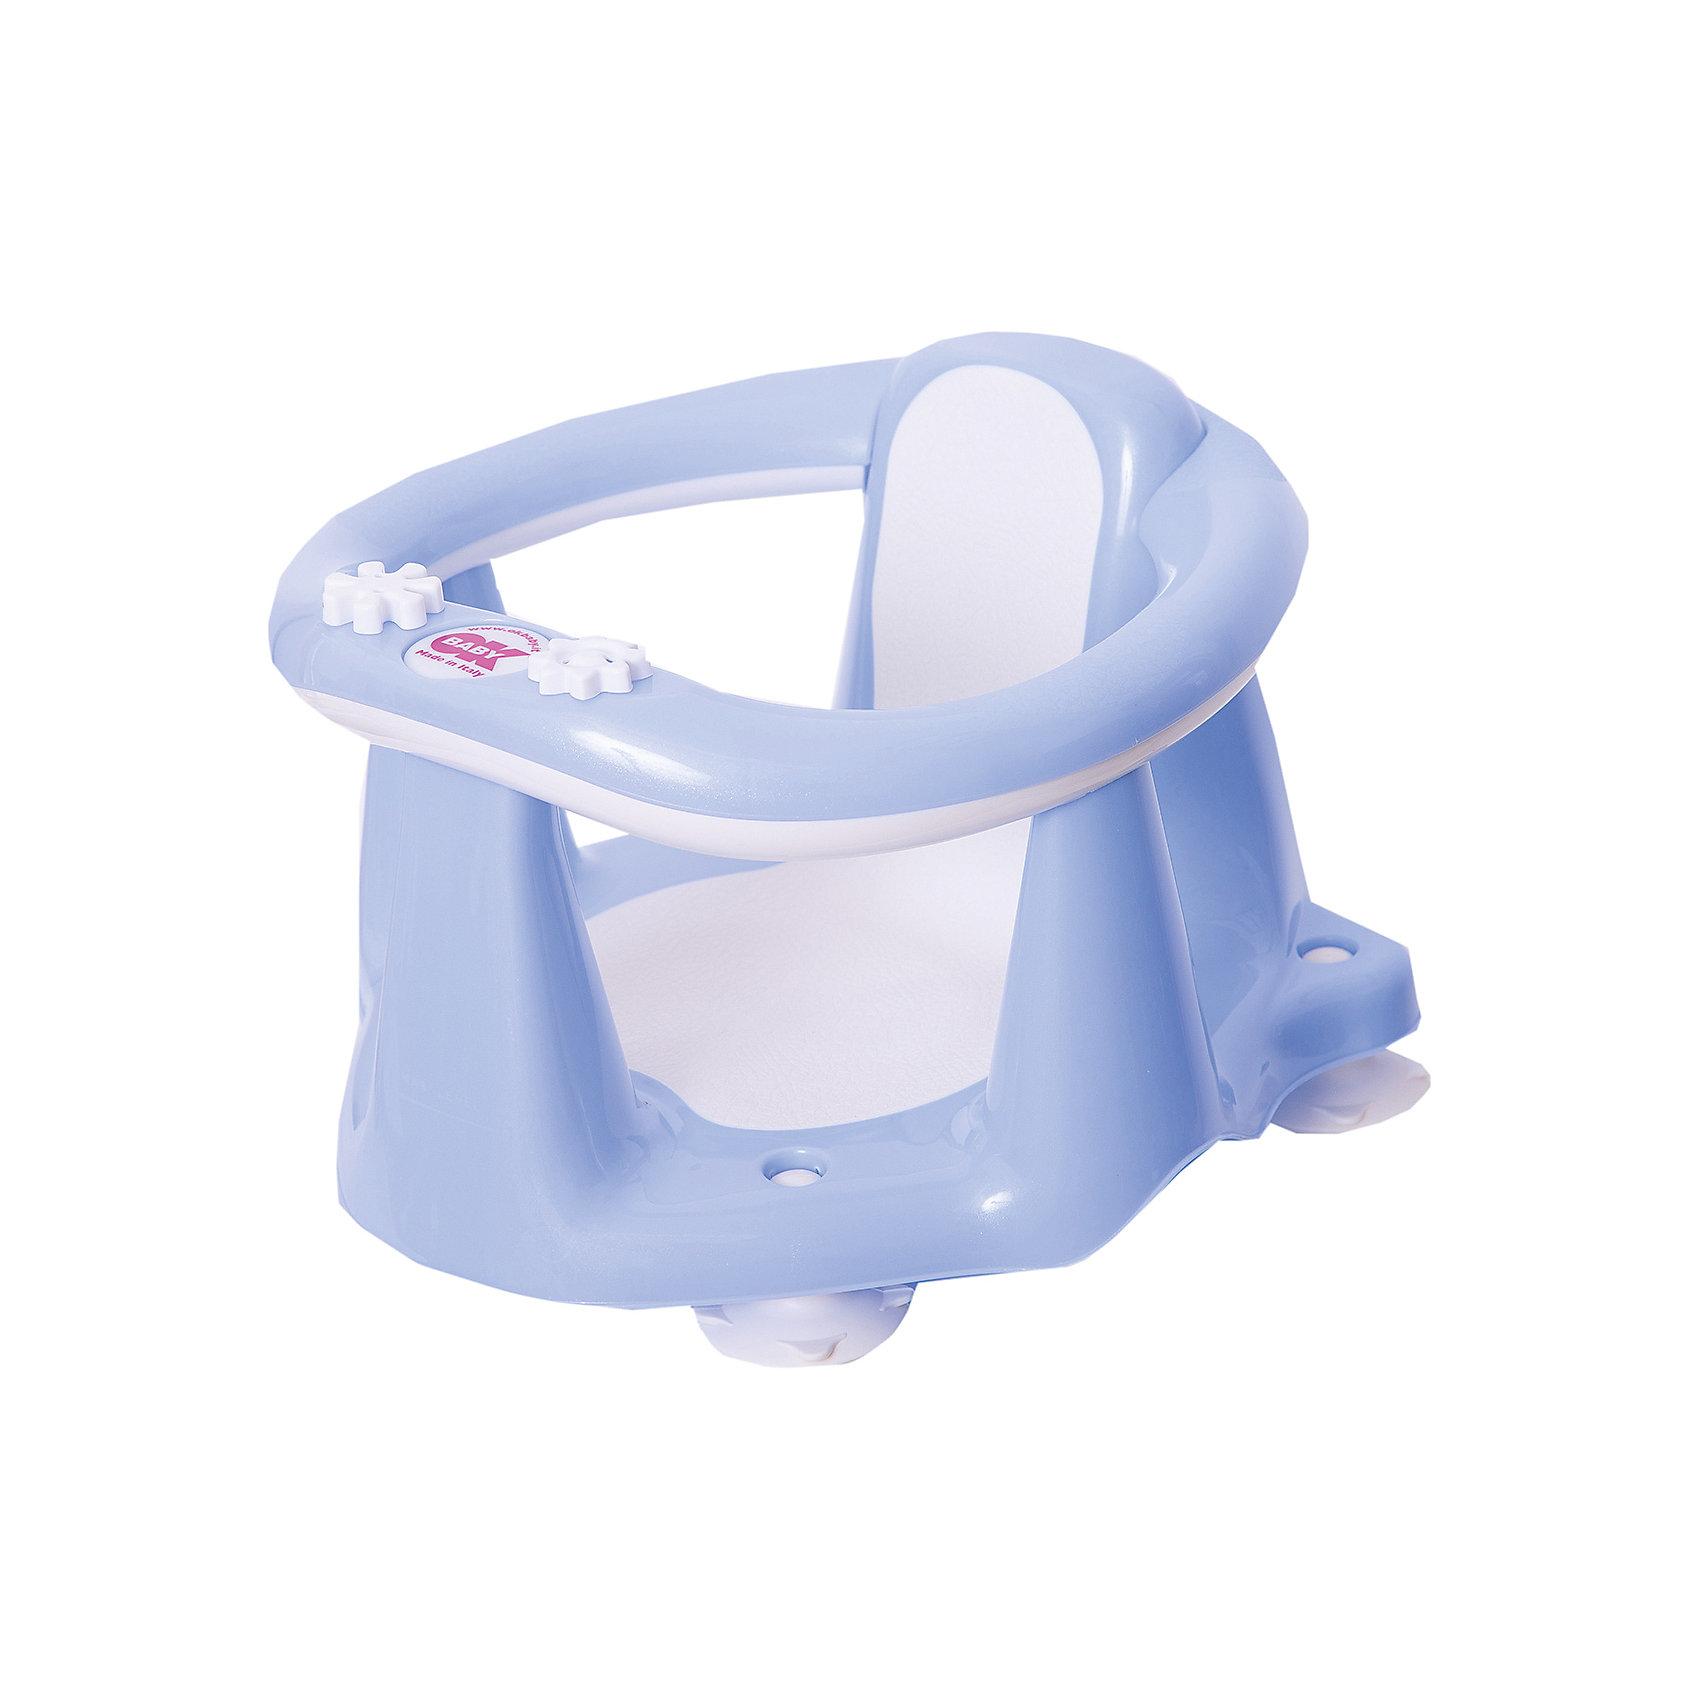 Сиденье в ванну Flipper Evolution, OK Baby, голубой